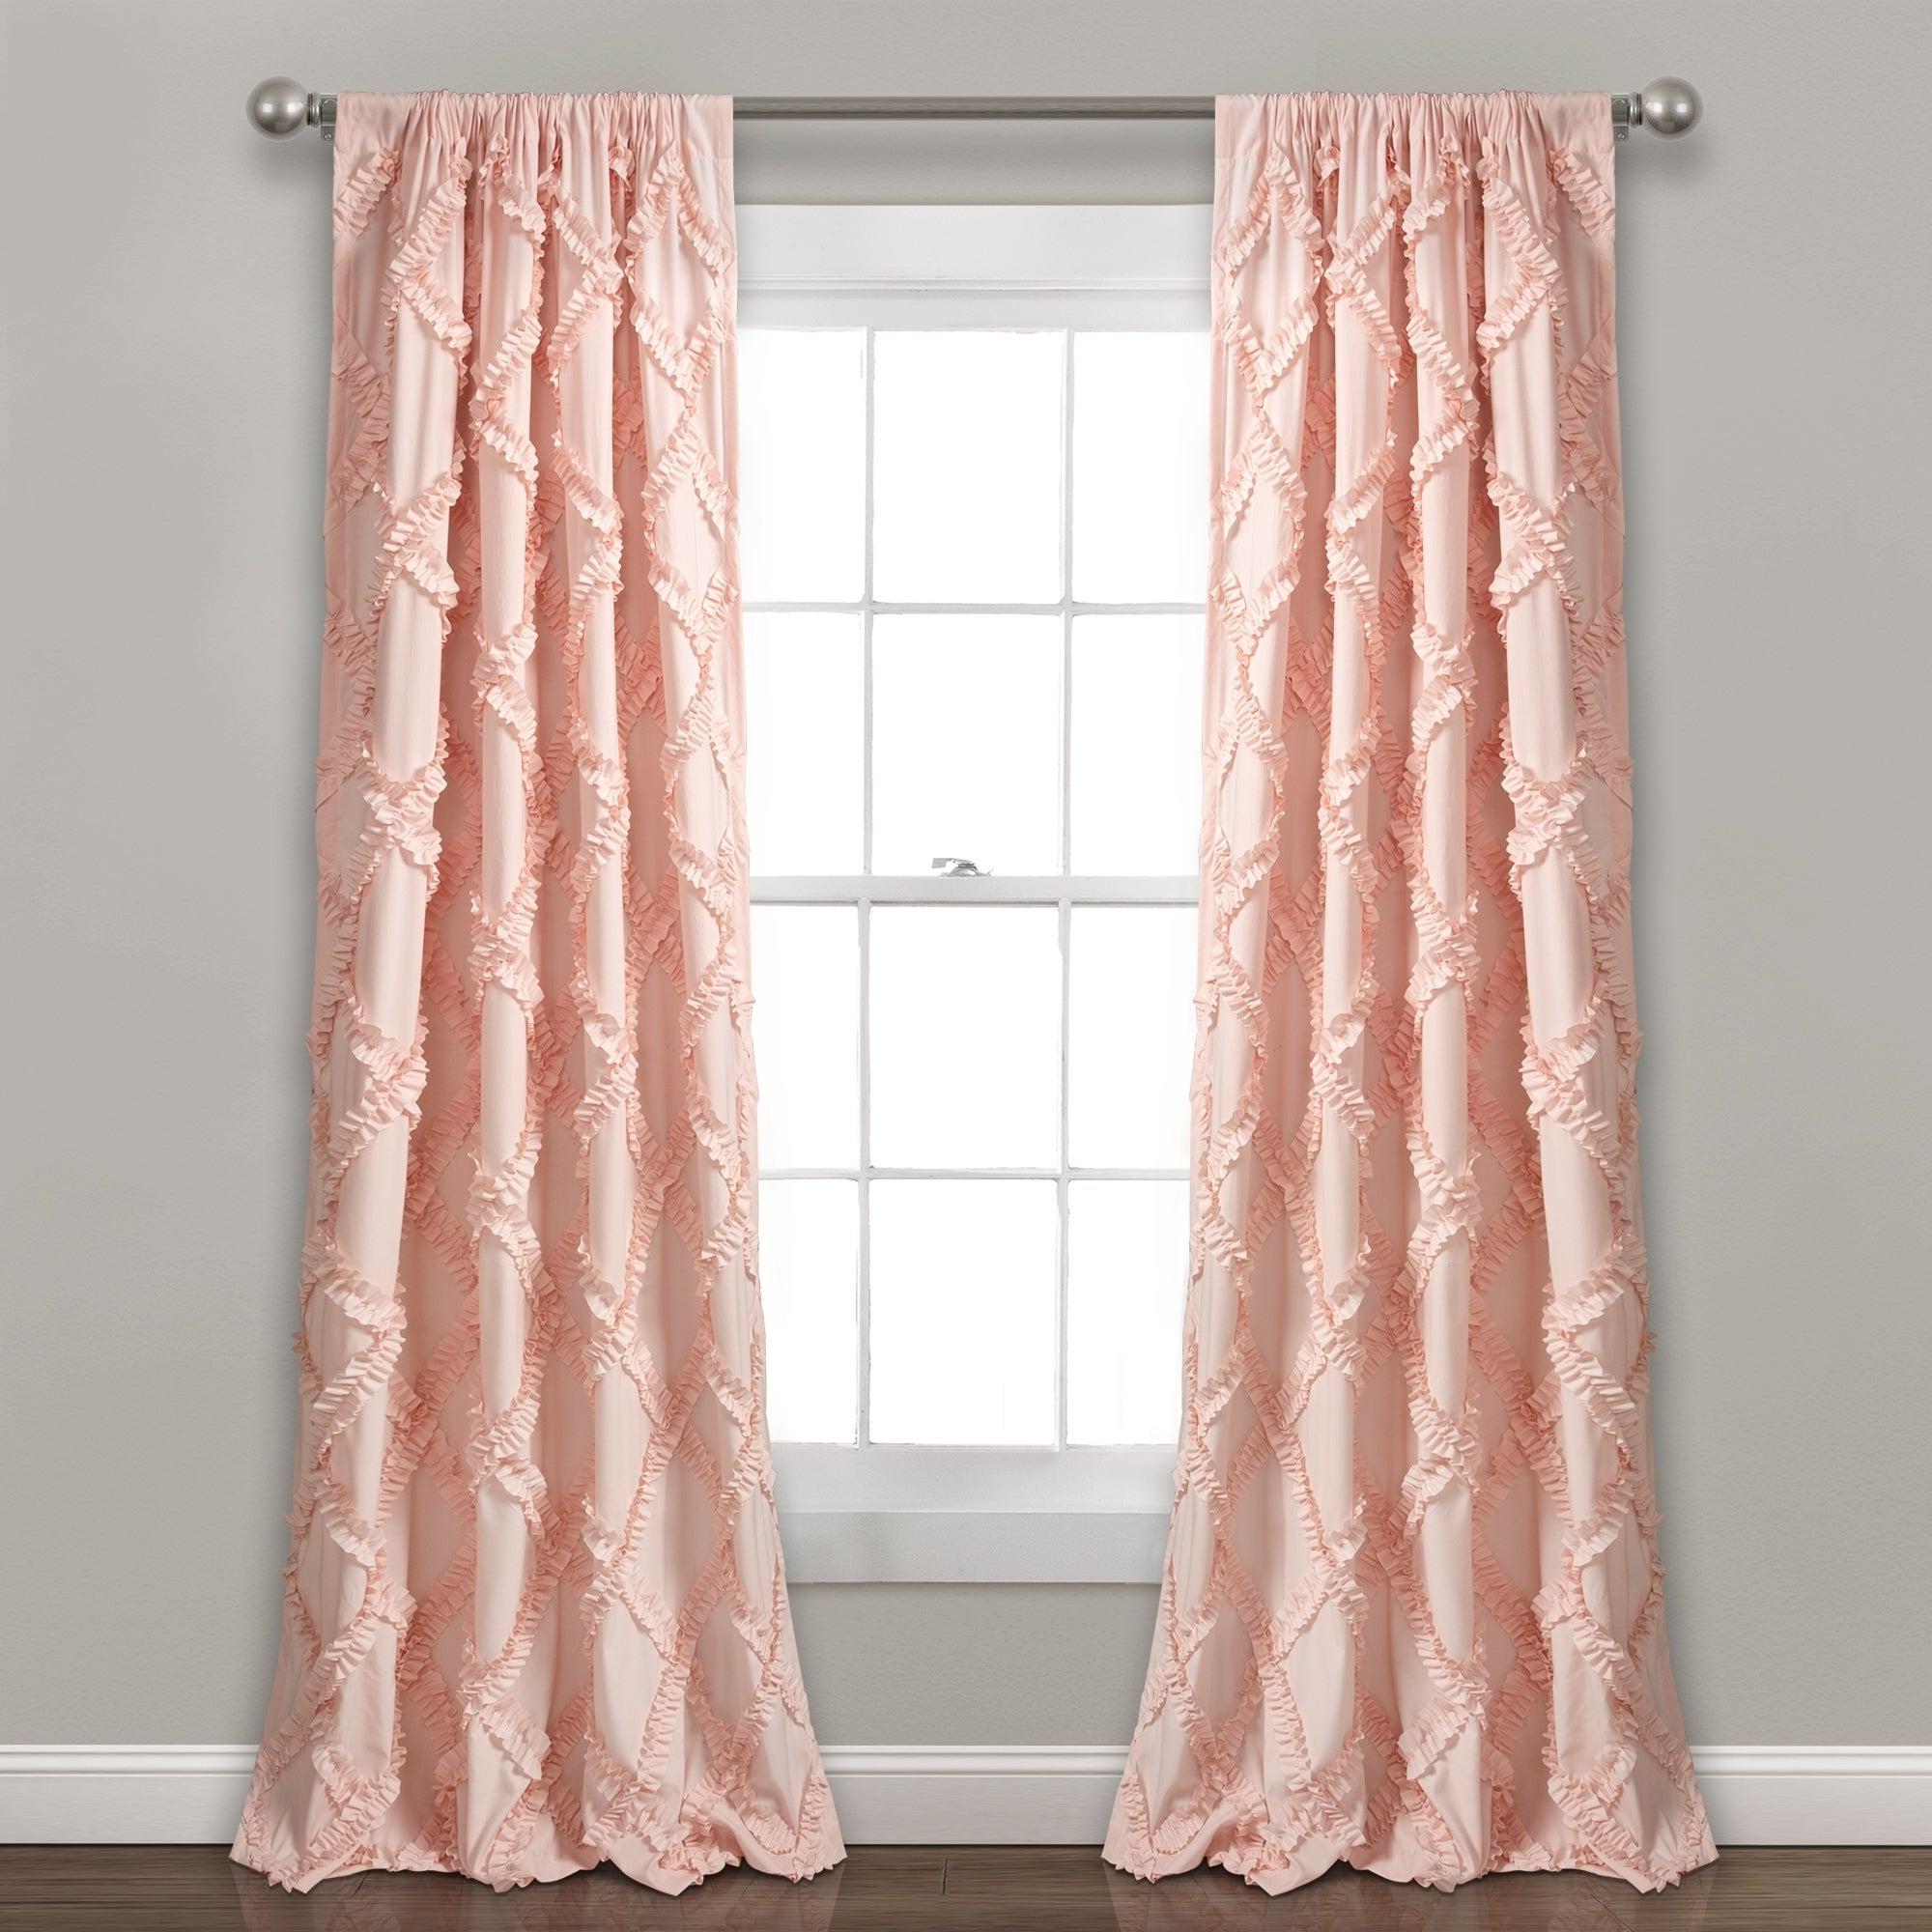 Ruffle Diamond Curtain Panel Pairs Regarding Trendy Lush Decor Ruffle Diamond Curtain Panel Pair (Gallery 6 of 20)